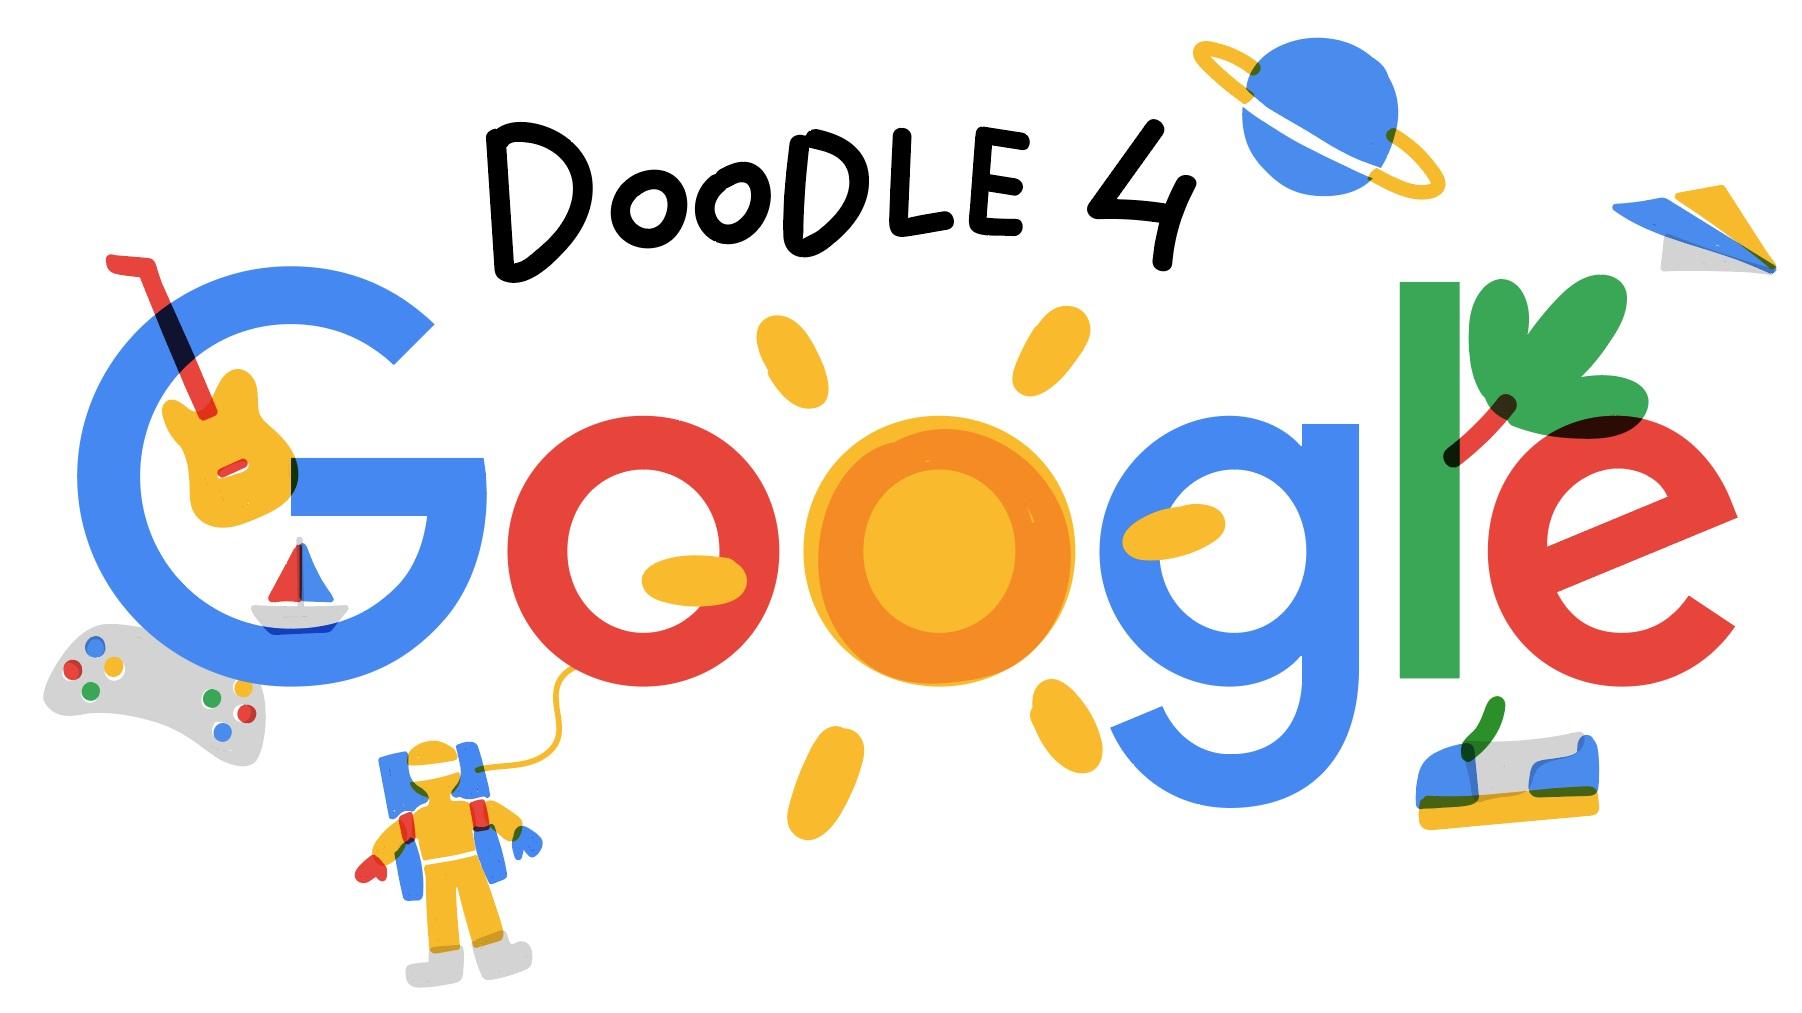 GOOGLE - Doodle for Google